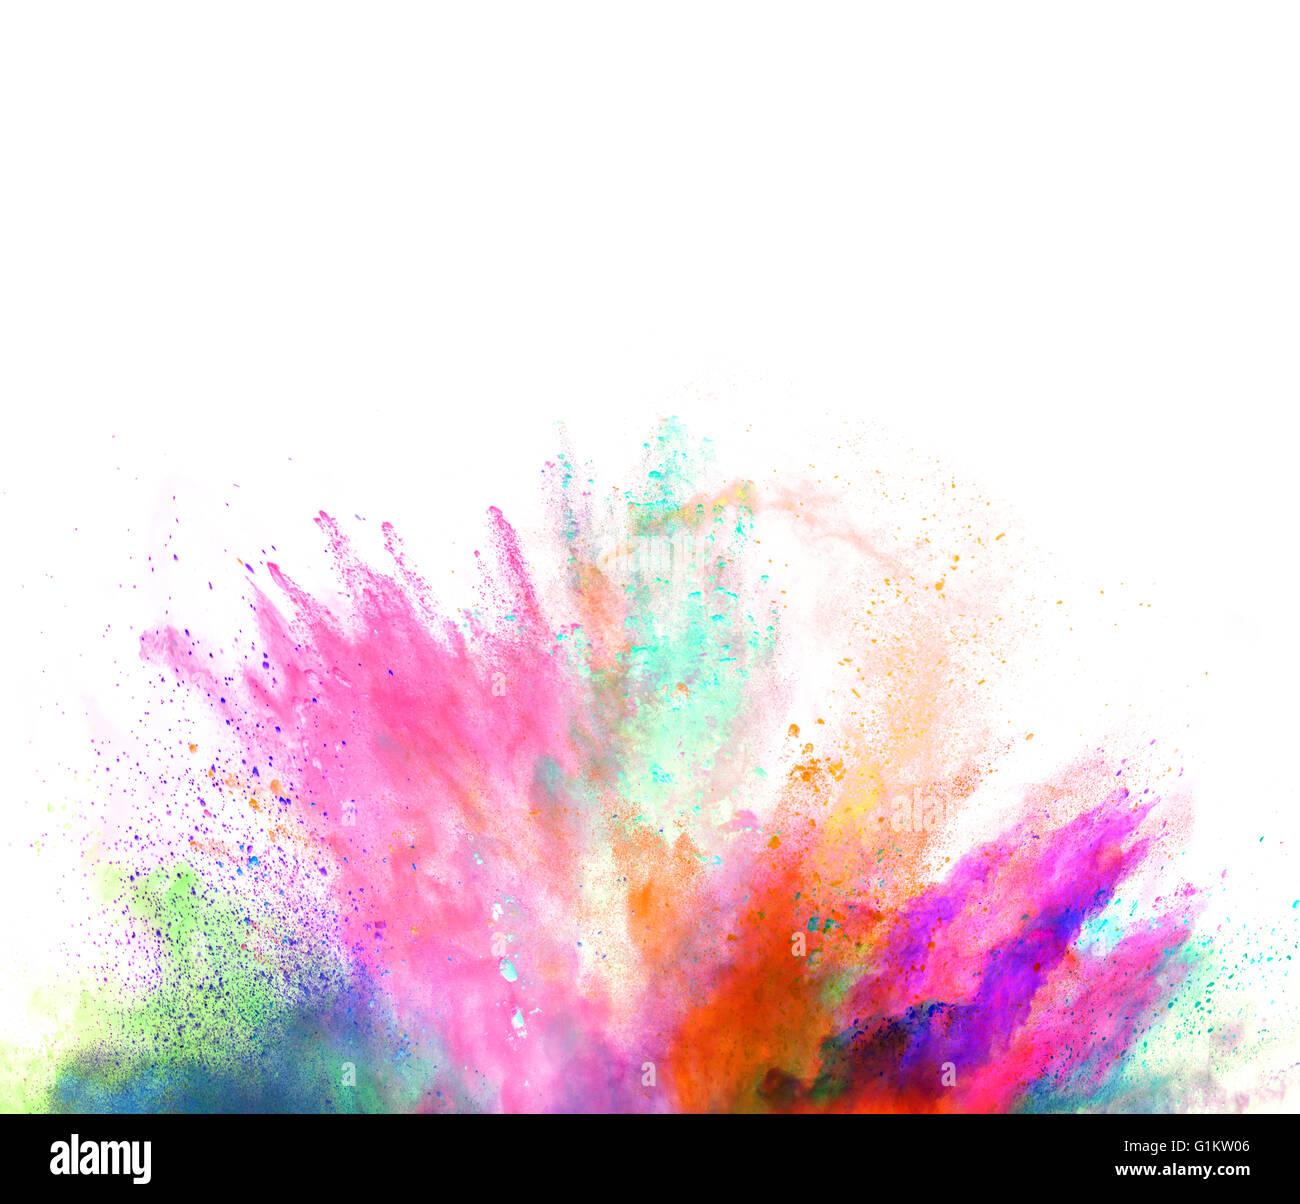 Farbpulver Explosion isoliert auf weißem Hintergrund Stockbild